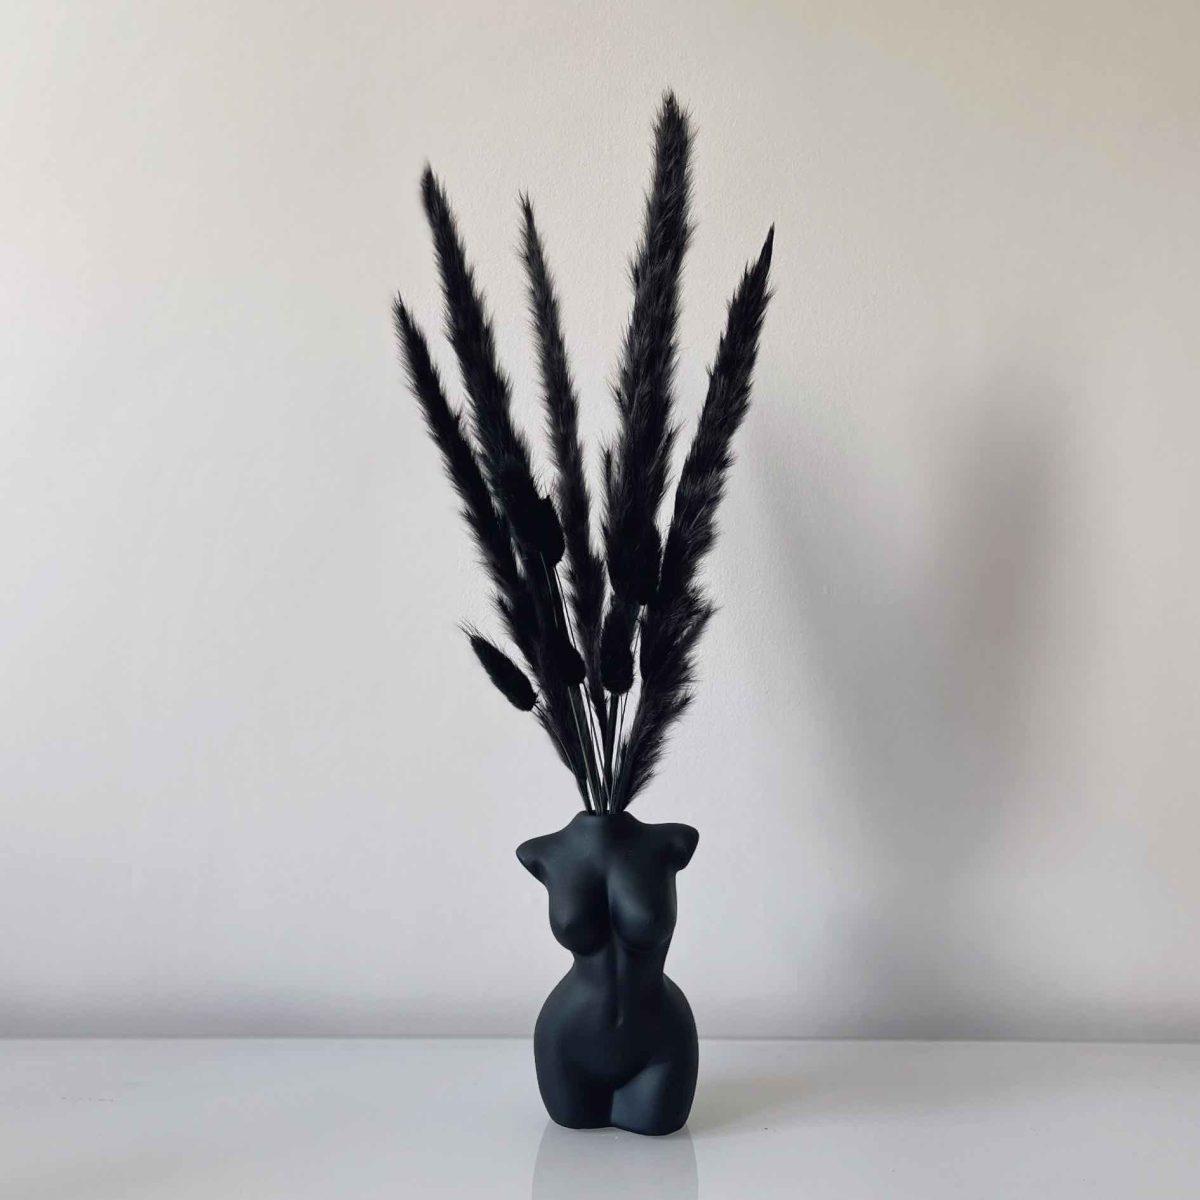 black dried flowers bouquet, black pampas, black bunny tails, black vase arrangement, vase topper, dried bouquet, pampas uk, female body vase, black body vase